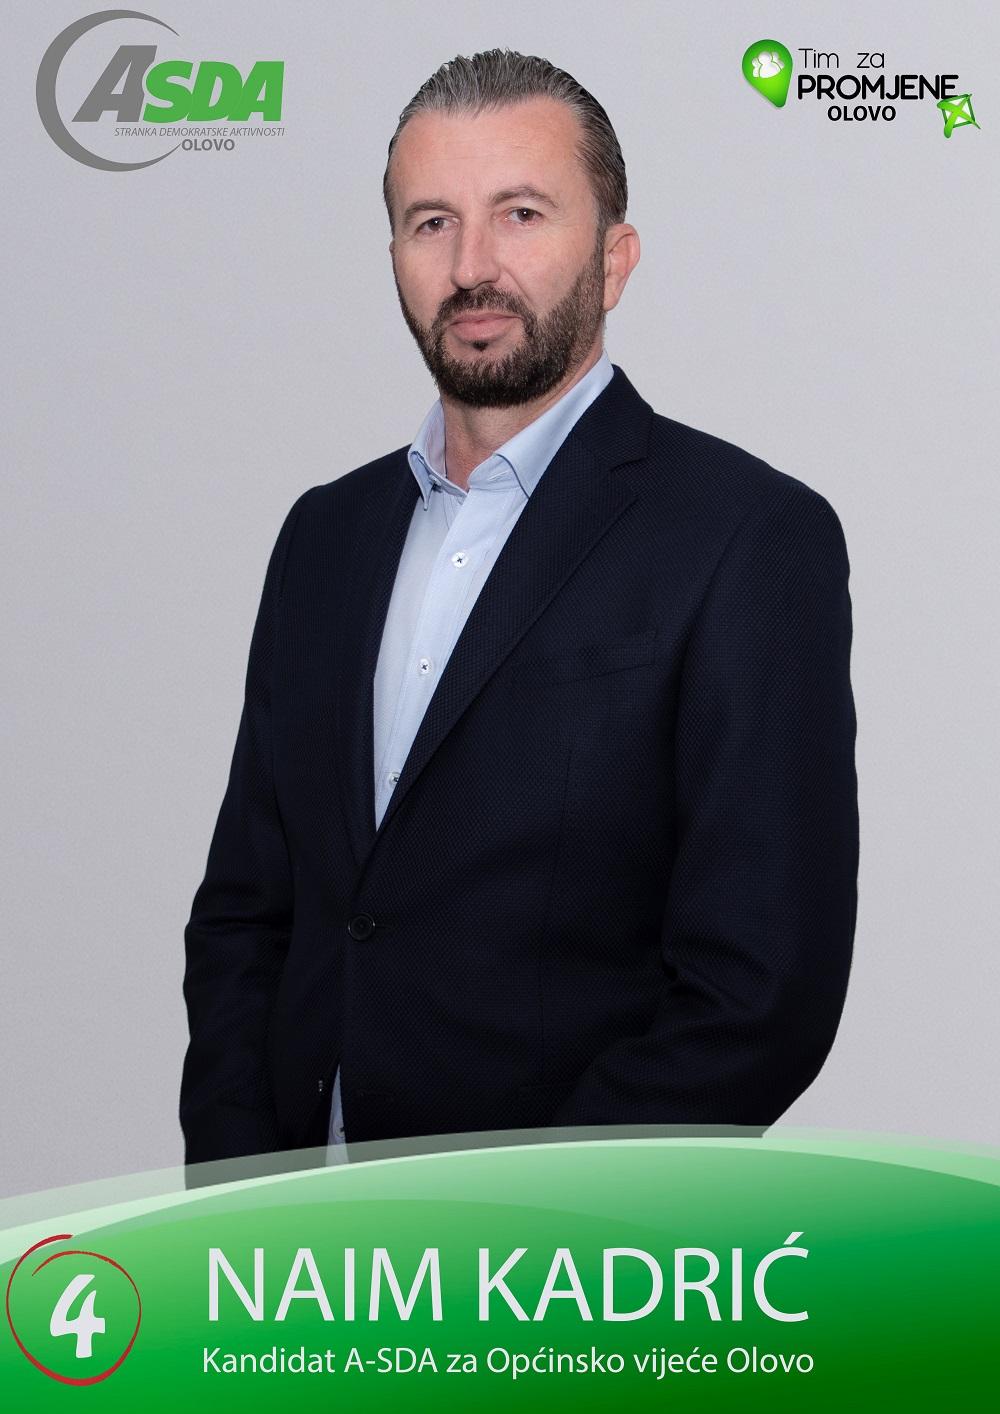 Naim Kadrić